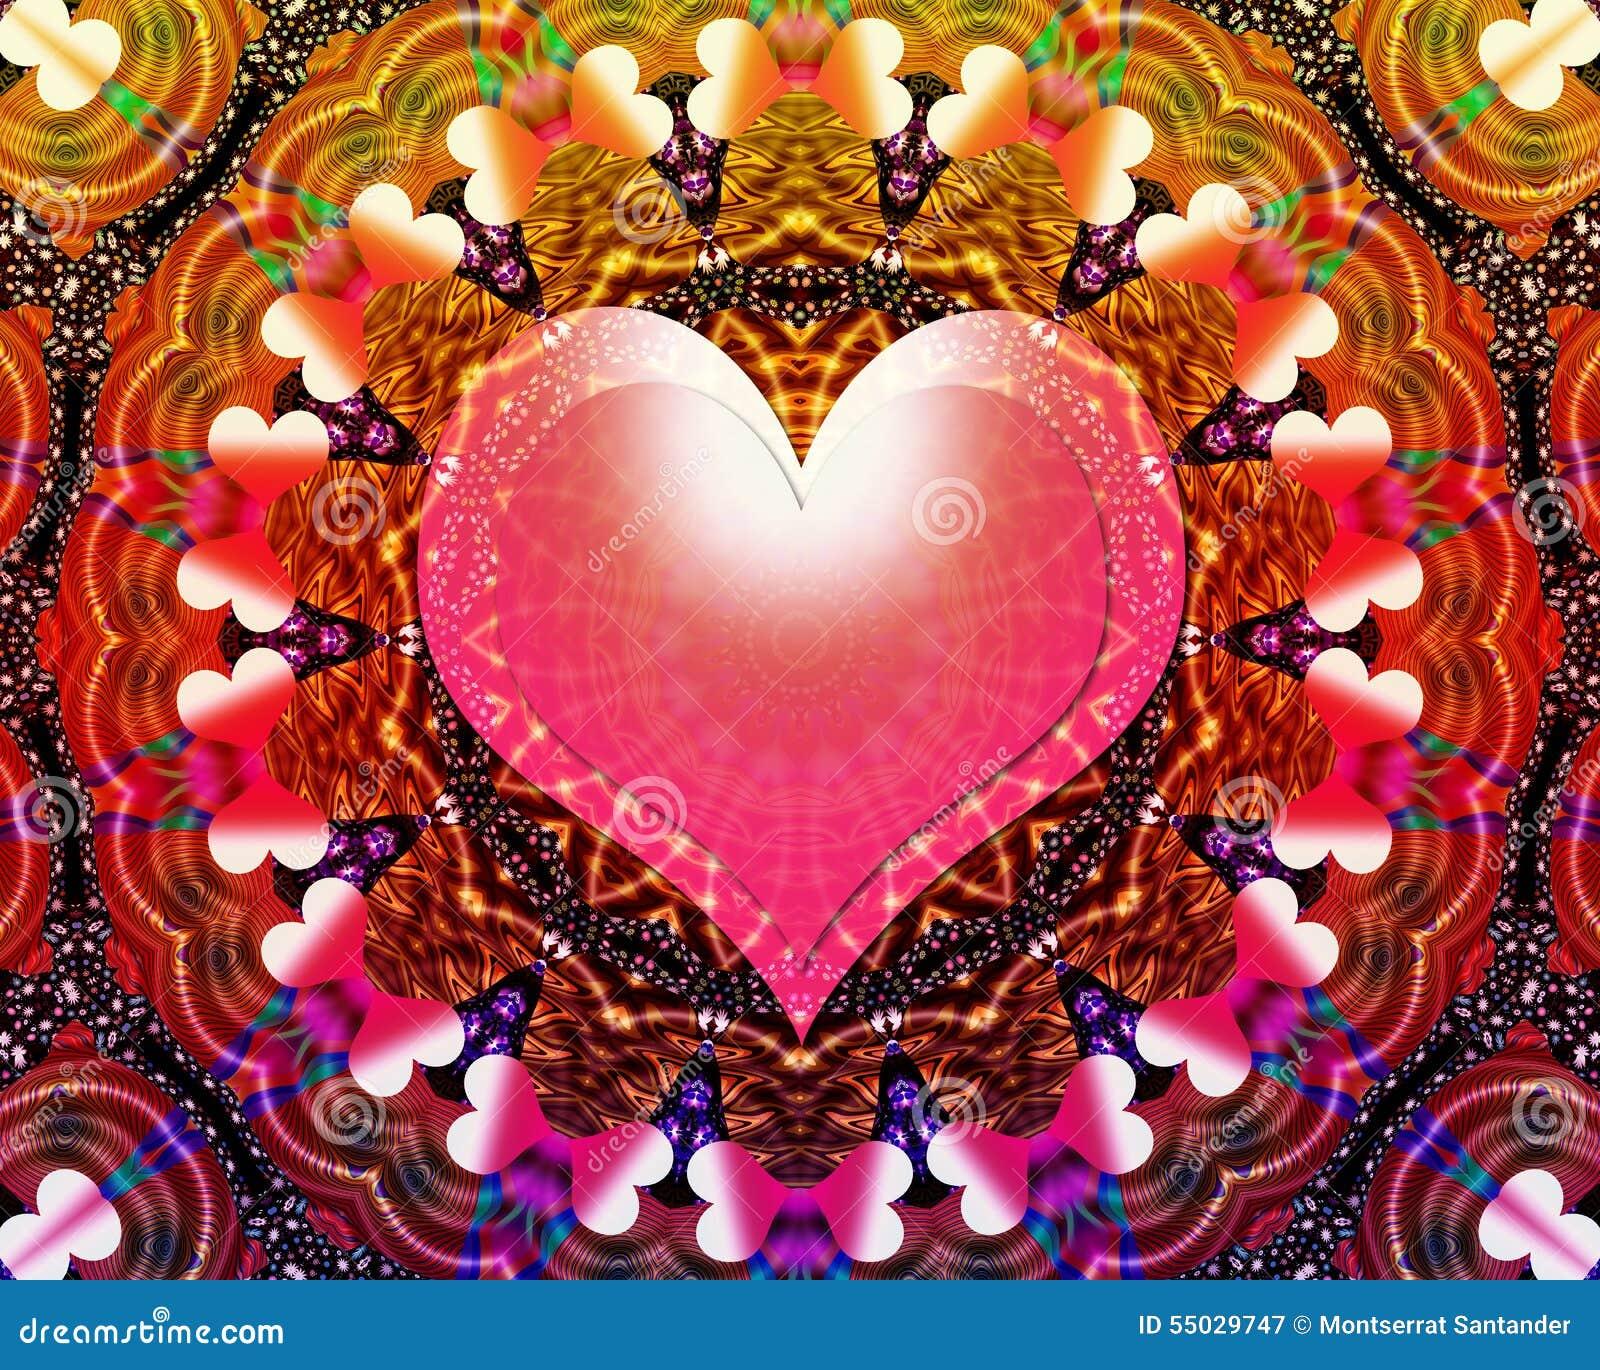 Mandala Universale Di Energia Di Amore Illustrazione Di Stock